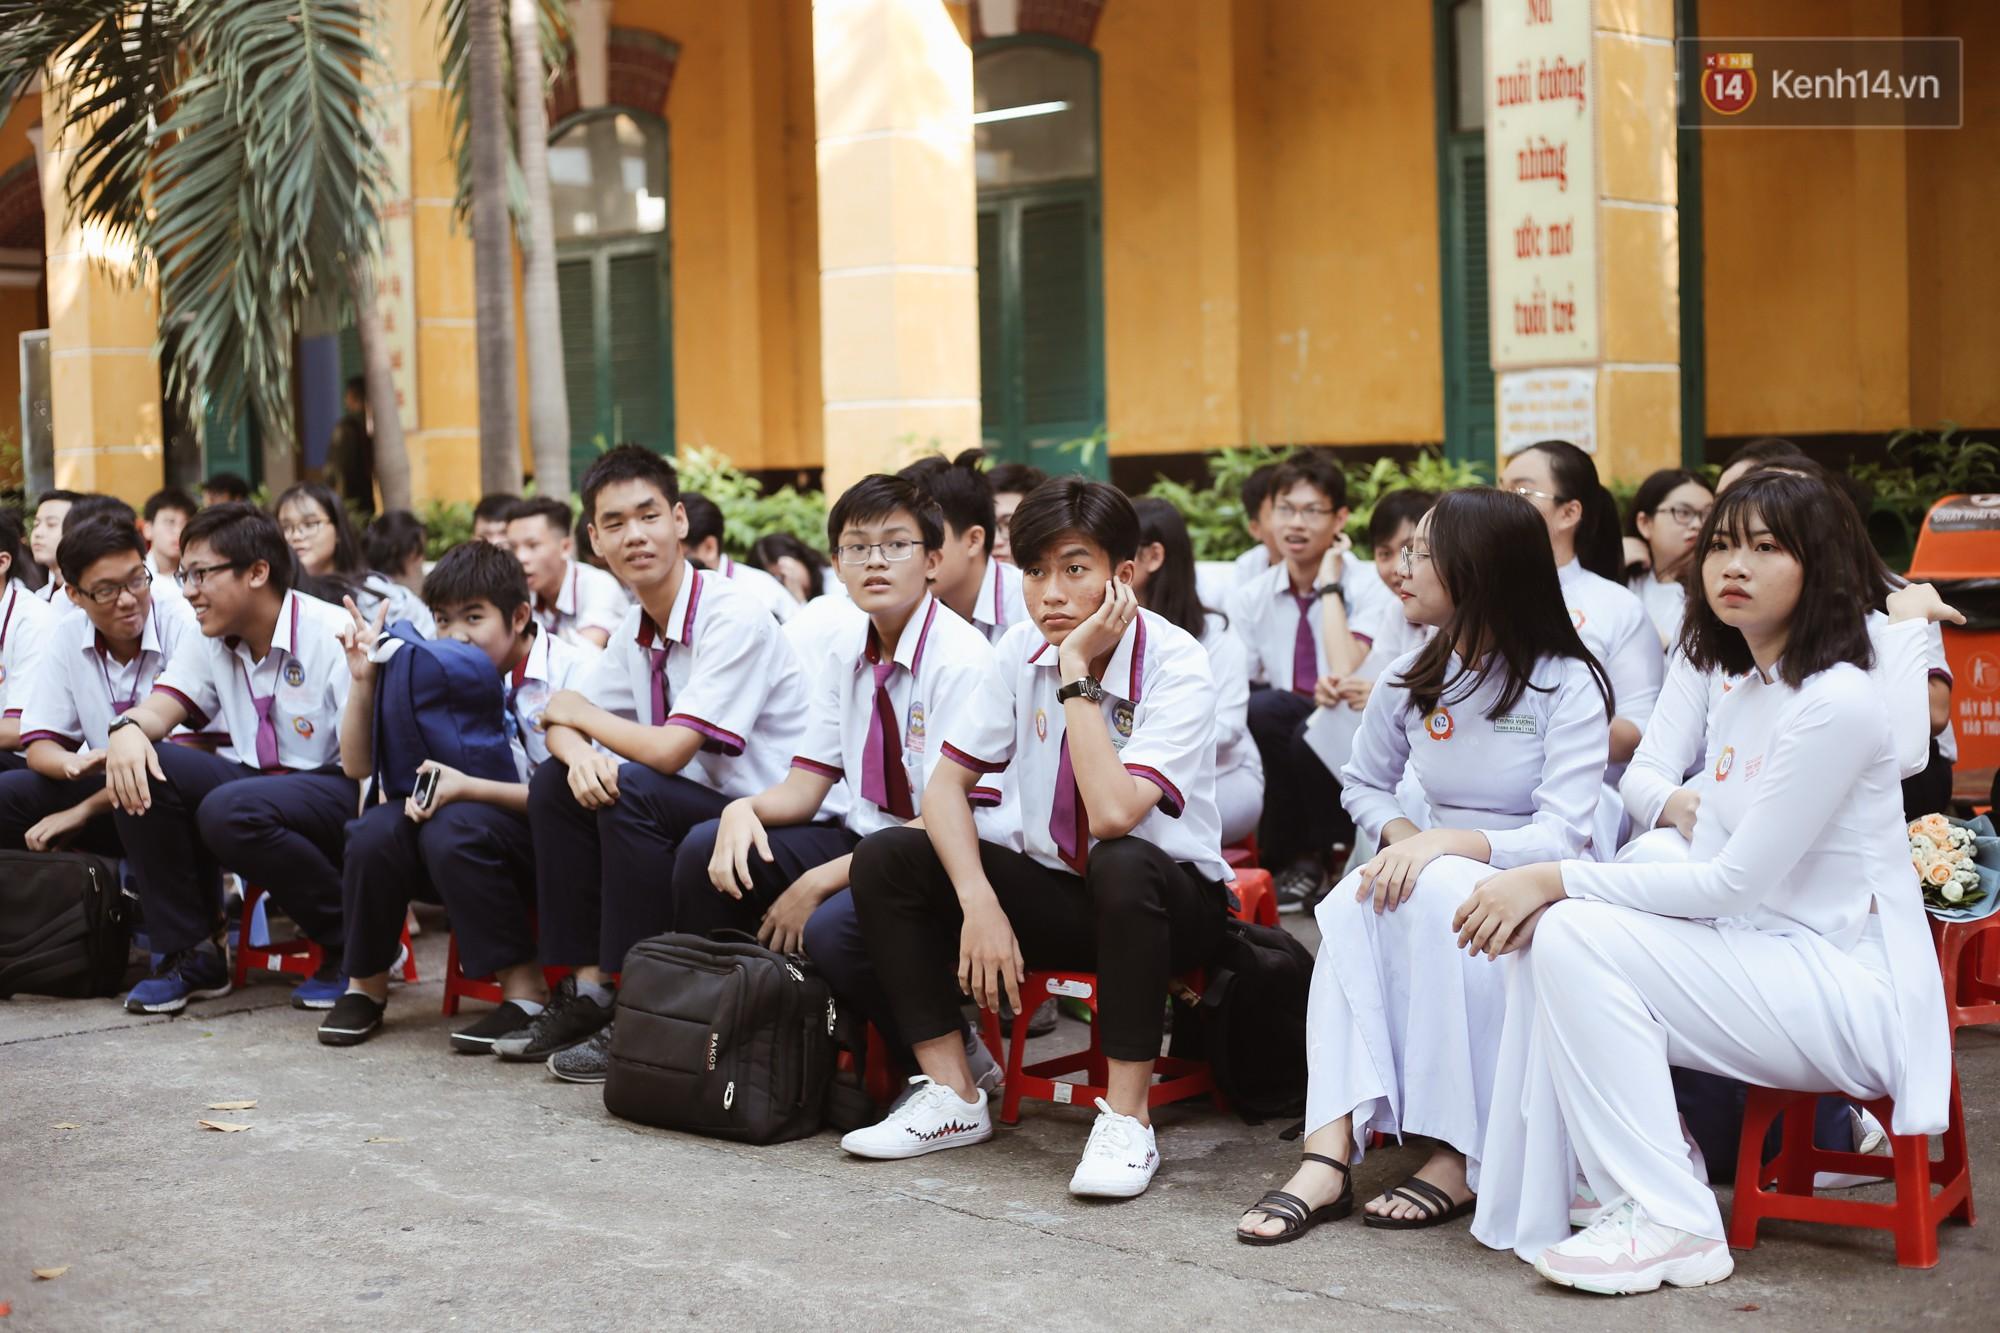 Lưu luyến trước nhan sắc trong veo đúng tuổi 18 của nữ sinh trường THPT Trưng Vương - Ảnh 5.